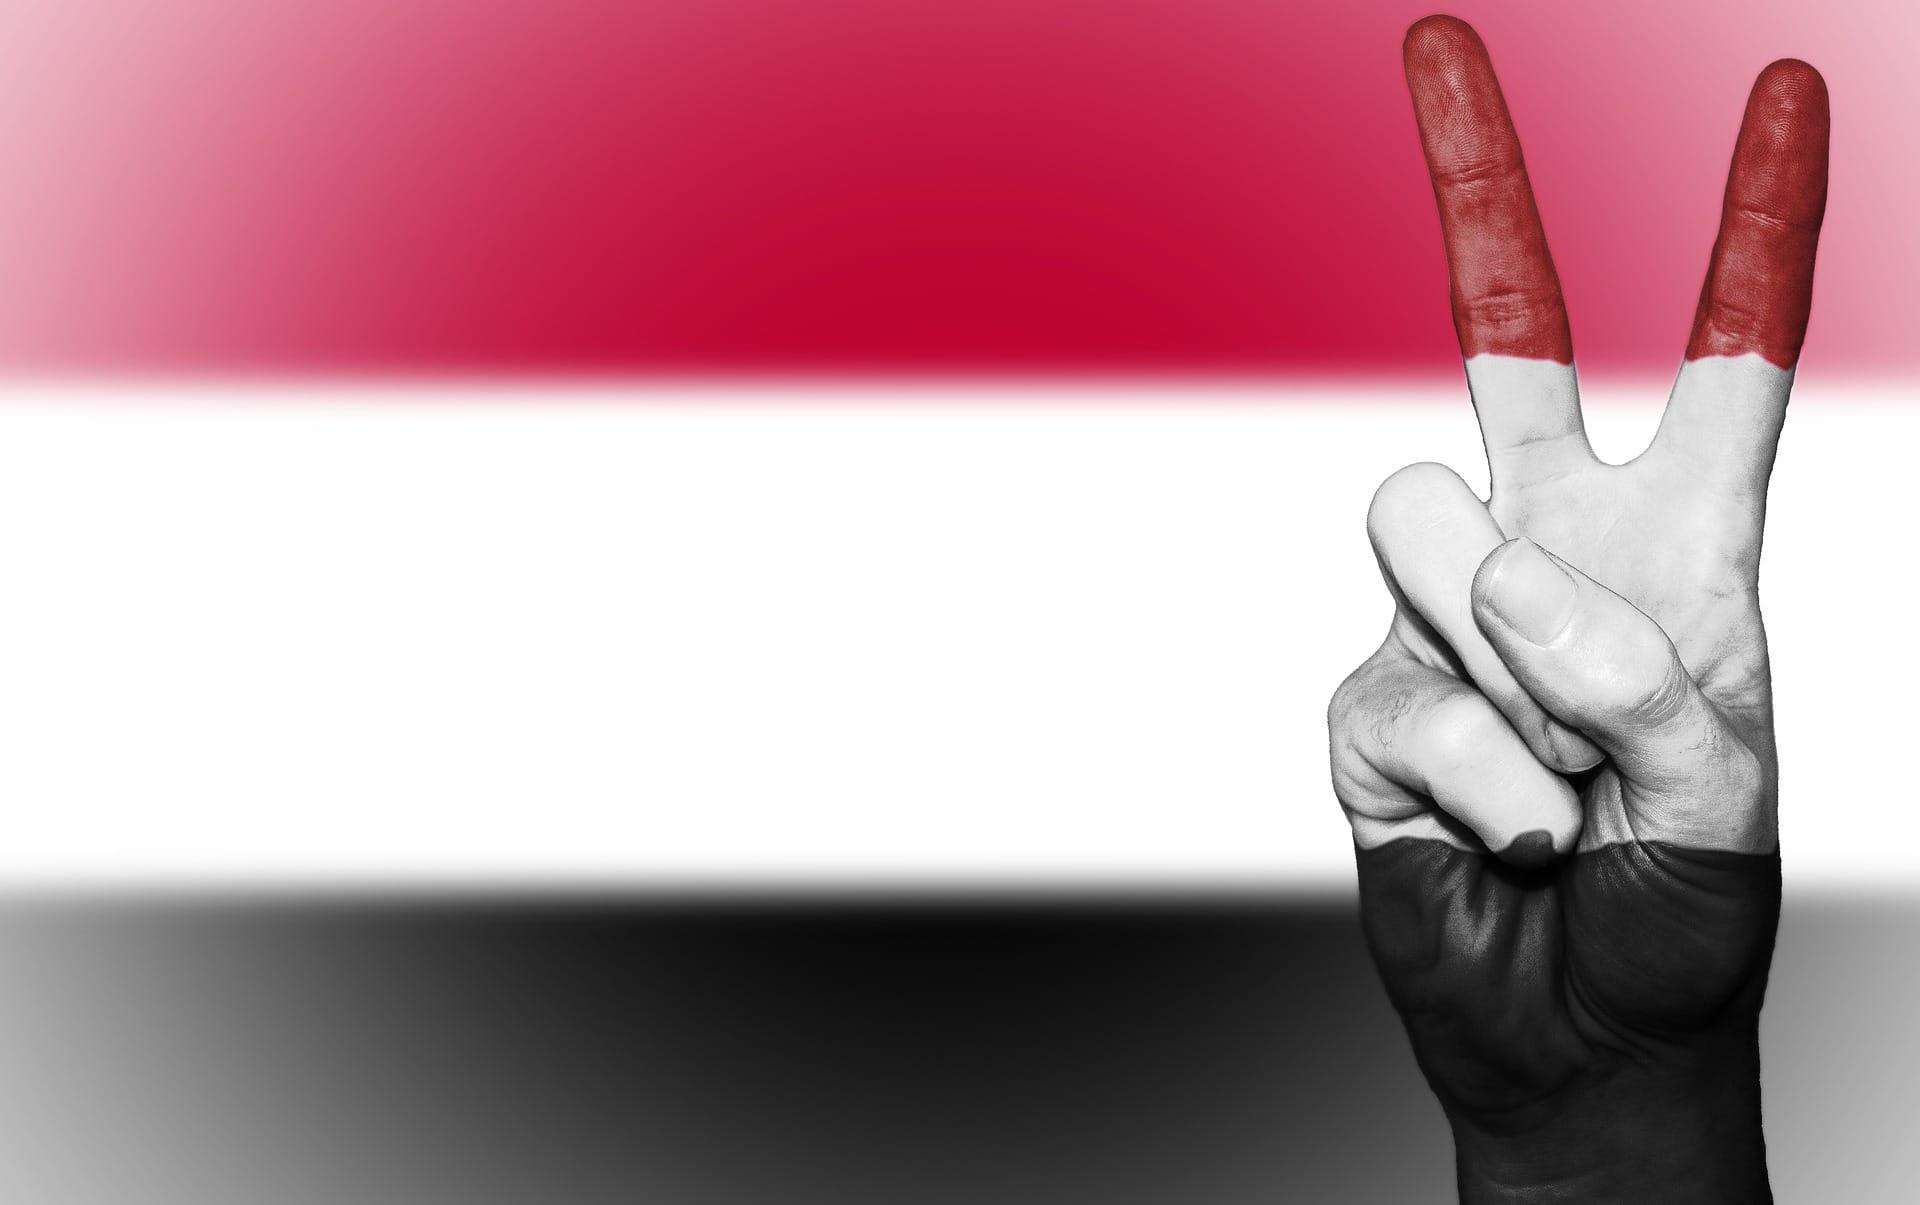 Mednarodni poziv za Jemen